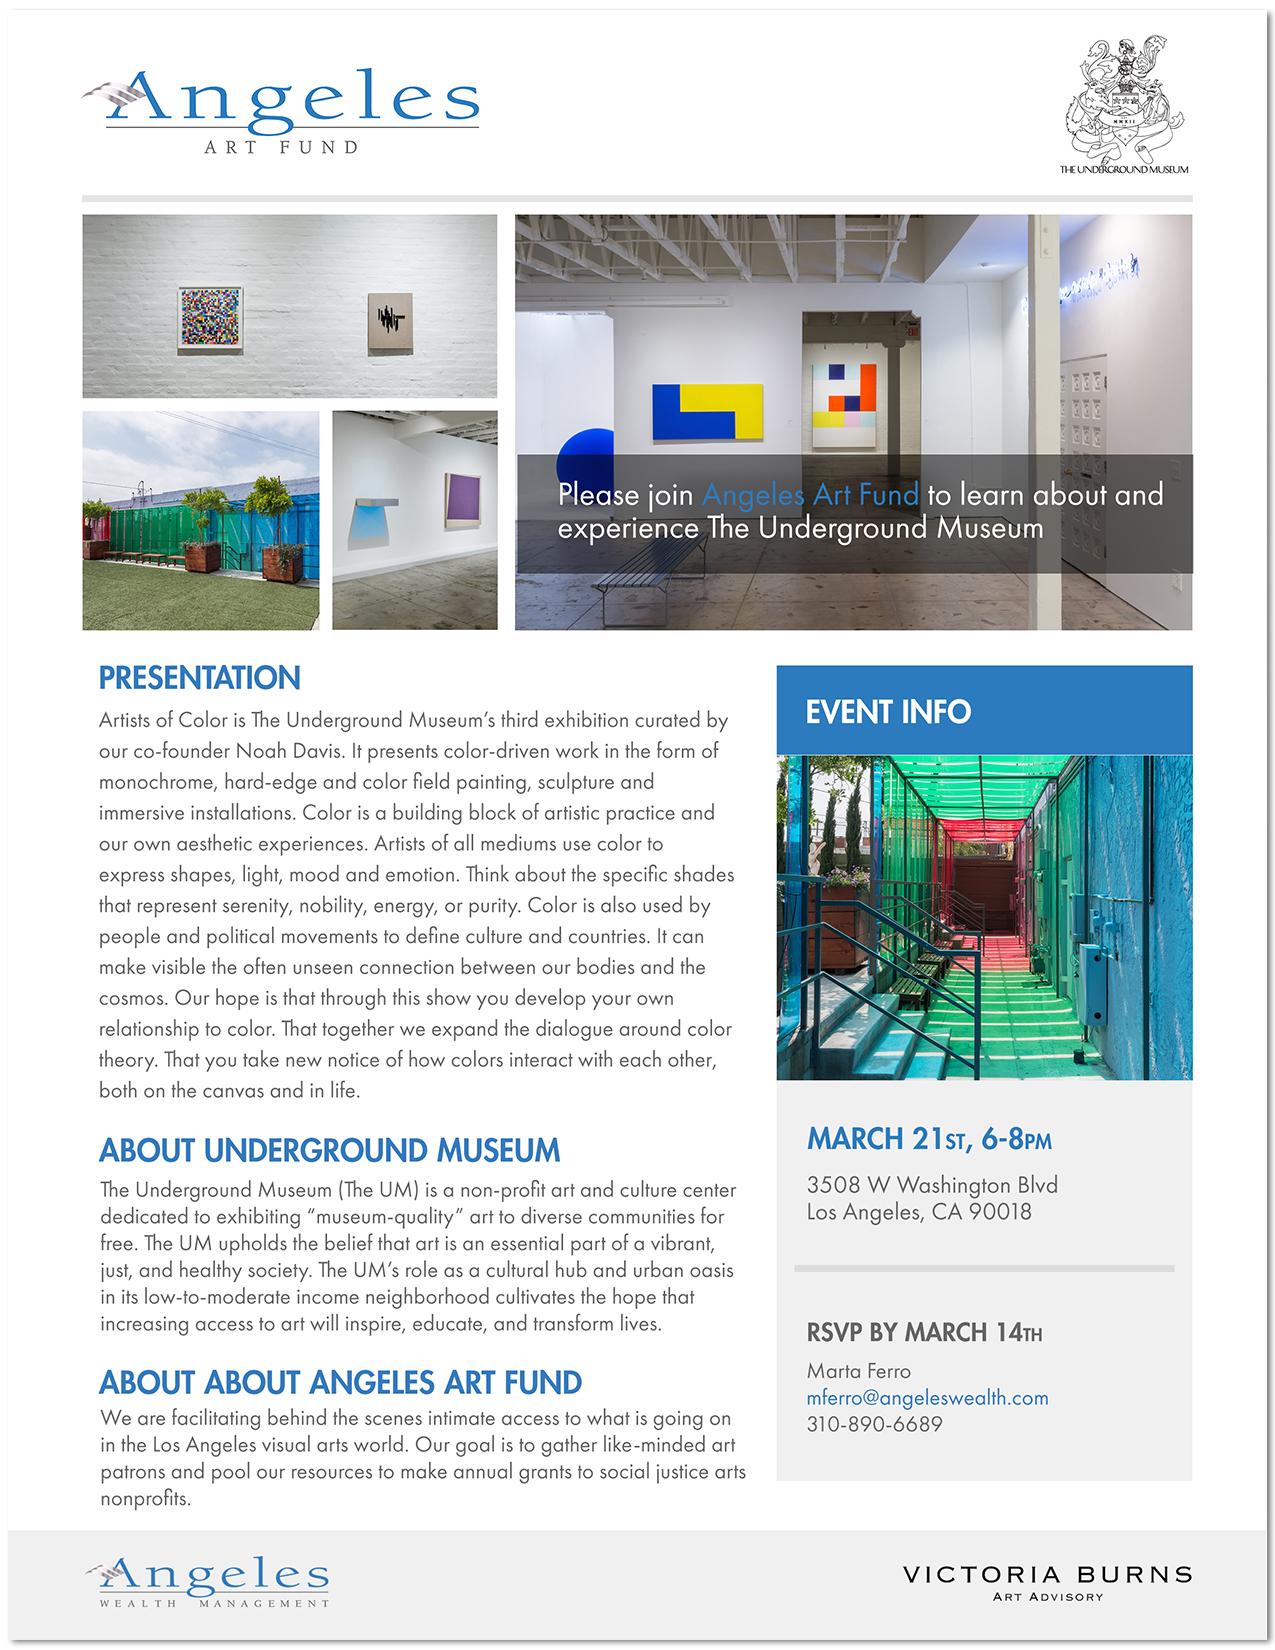 Angeles Art Fund March 21.jpg